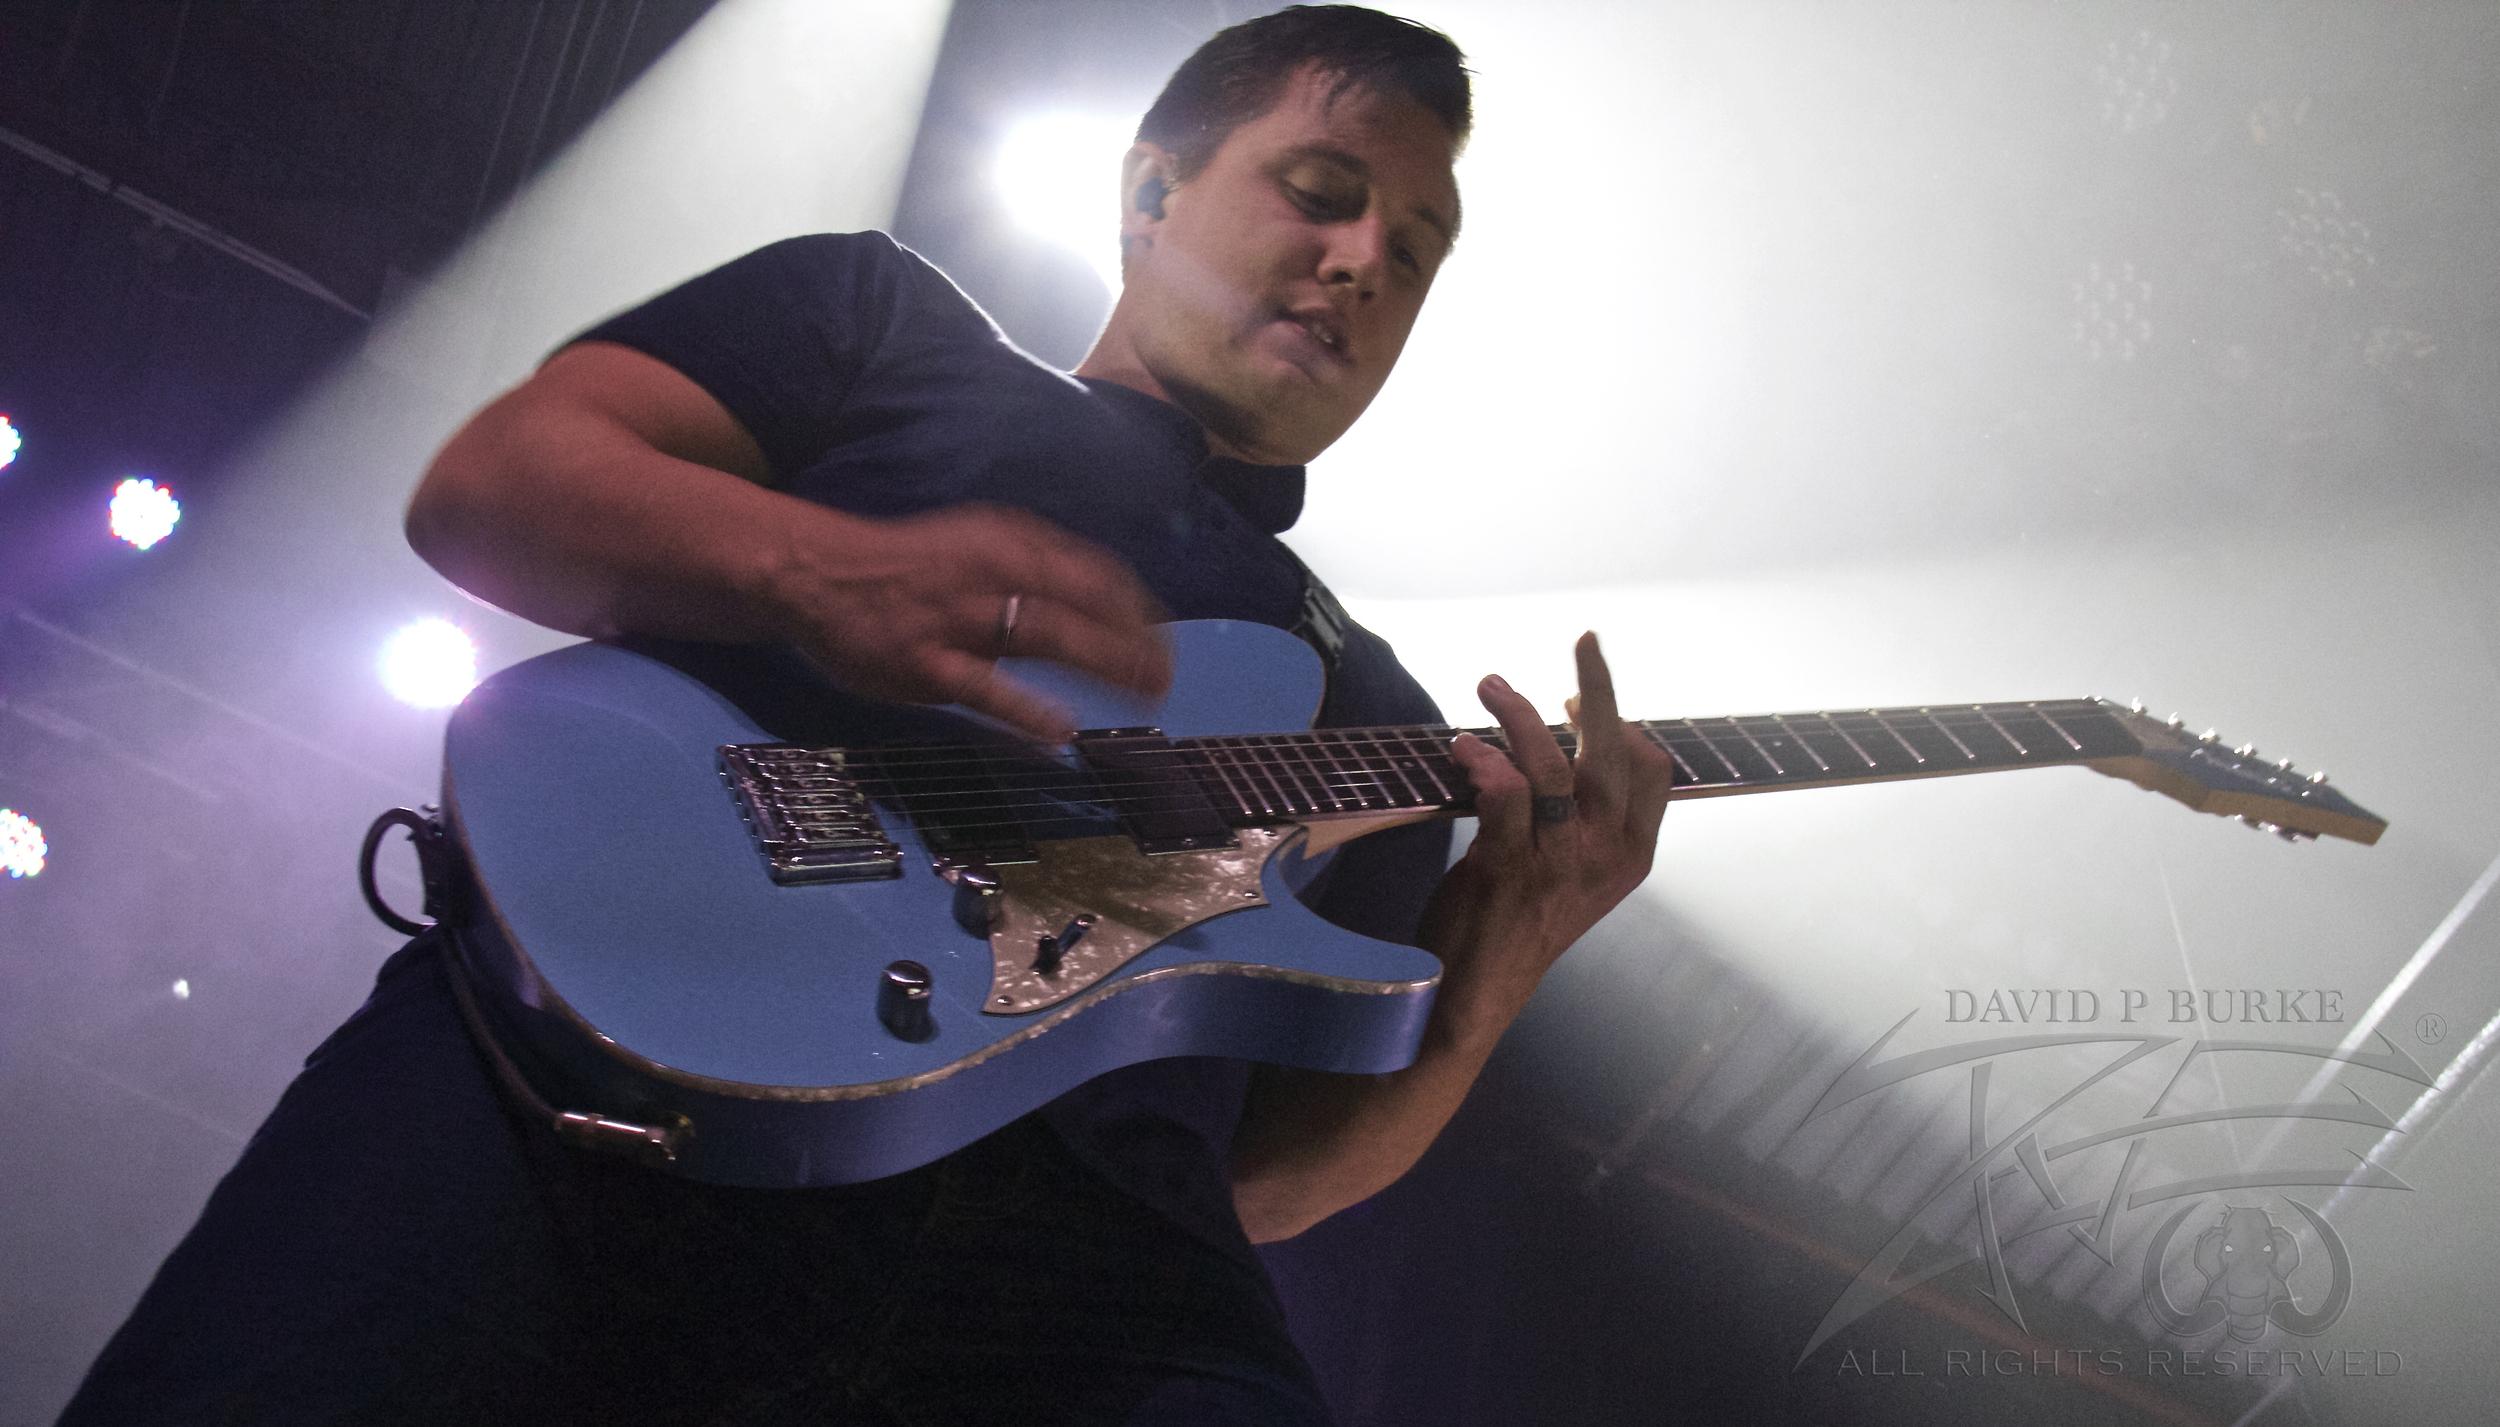 August Burns Red Guitarist Brent Rambler  photo: David Burke